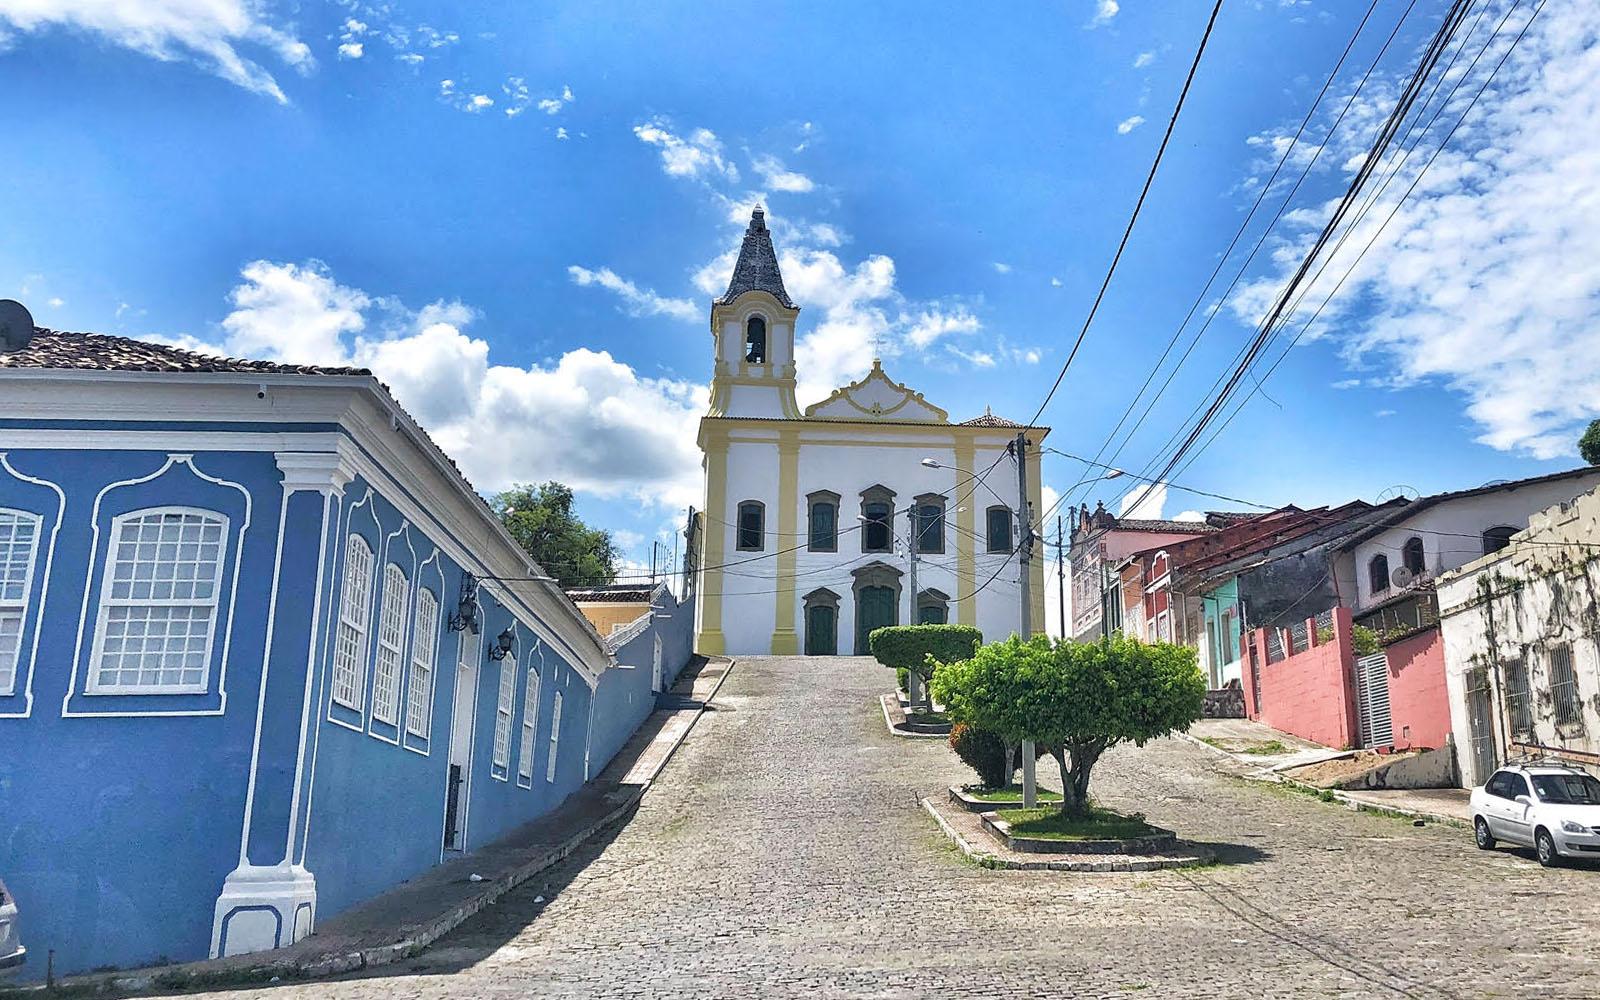 Una delle molteplici chiese che impreziosiscono Cachoeira. © oltreilbalcone